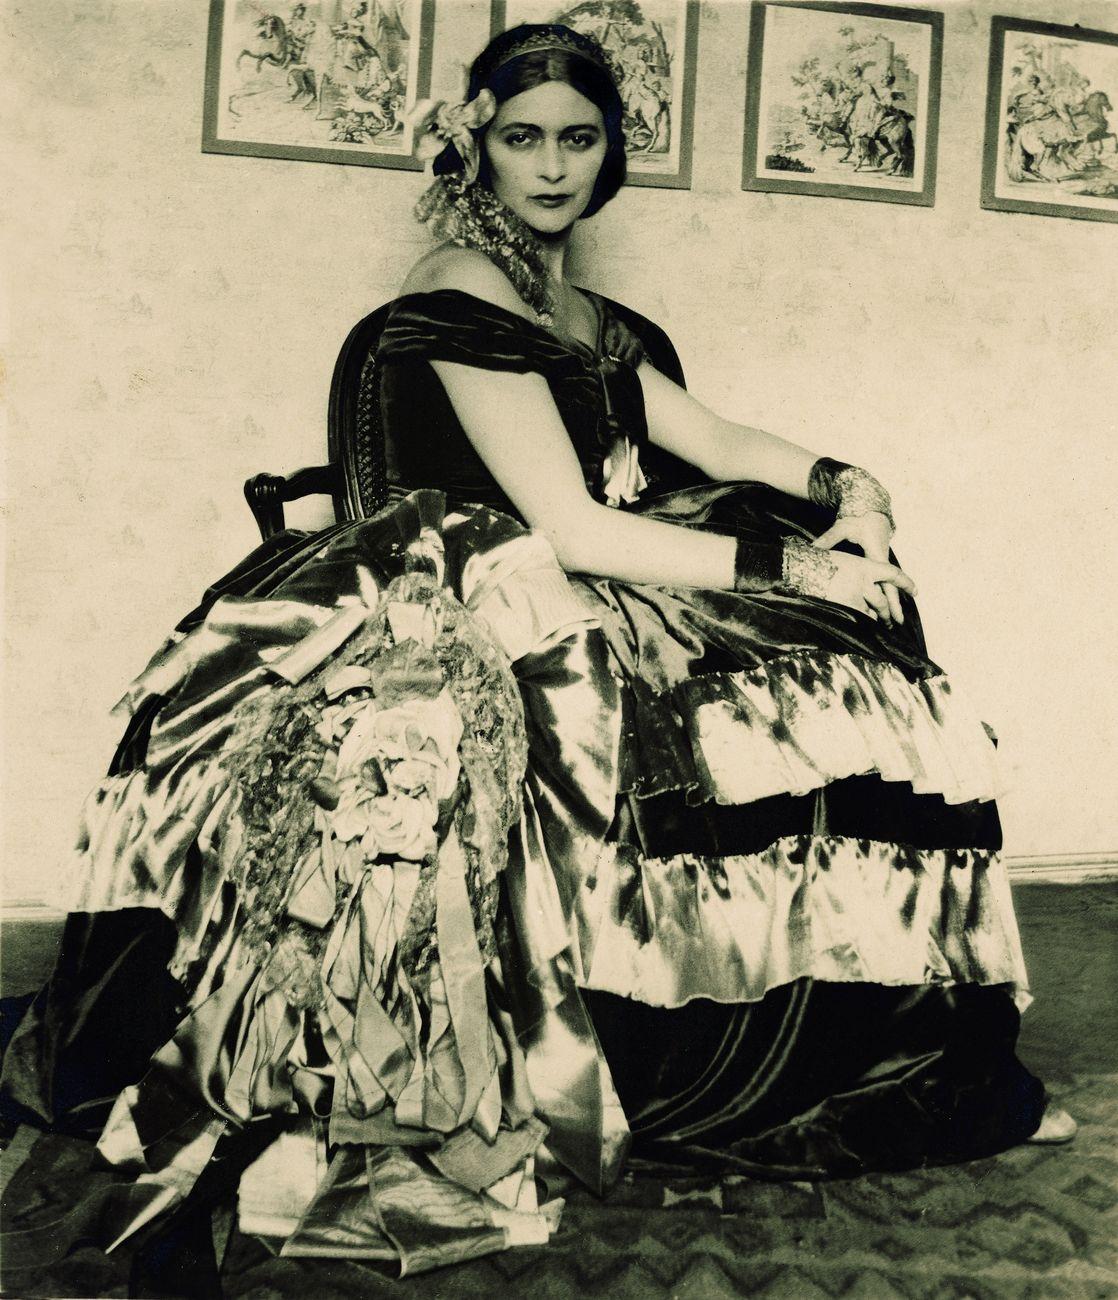 Edina Altara negli anni '20 fotografata dal marito Vittorio Accornero